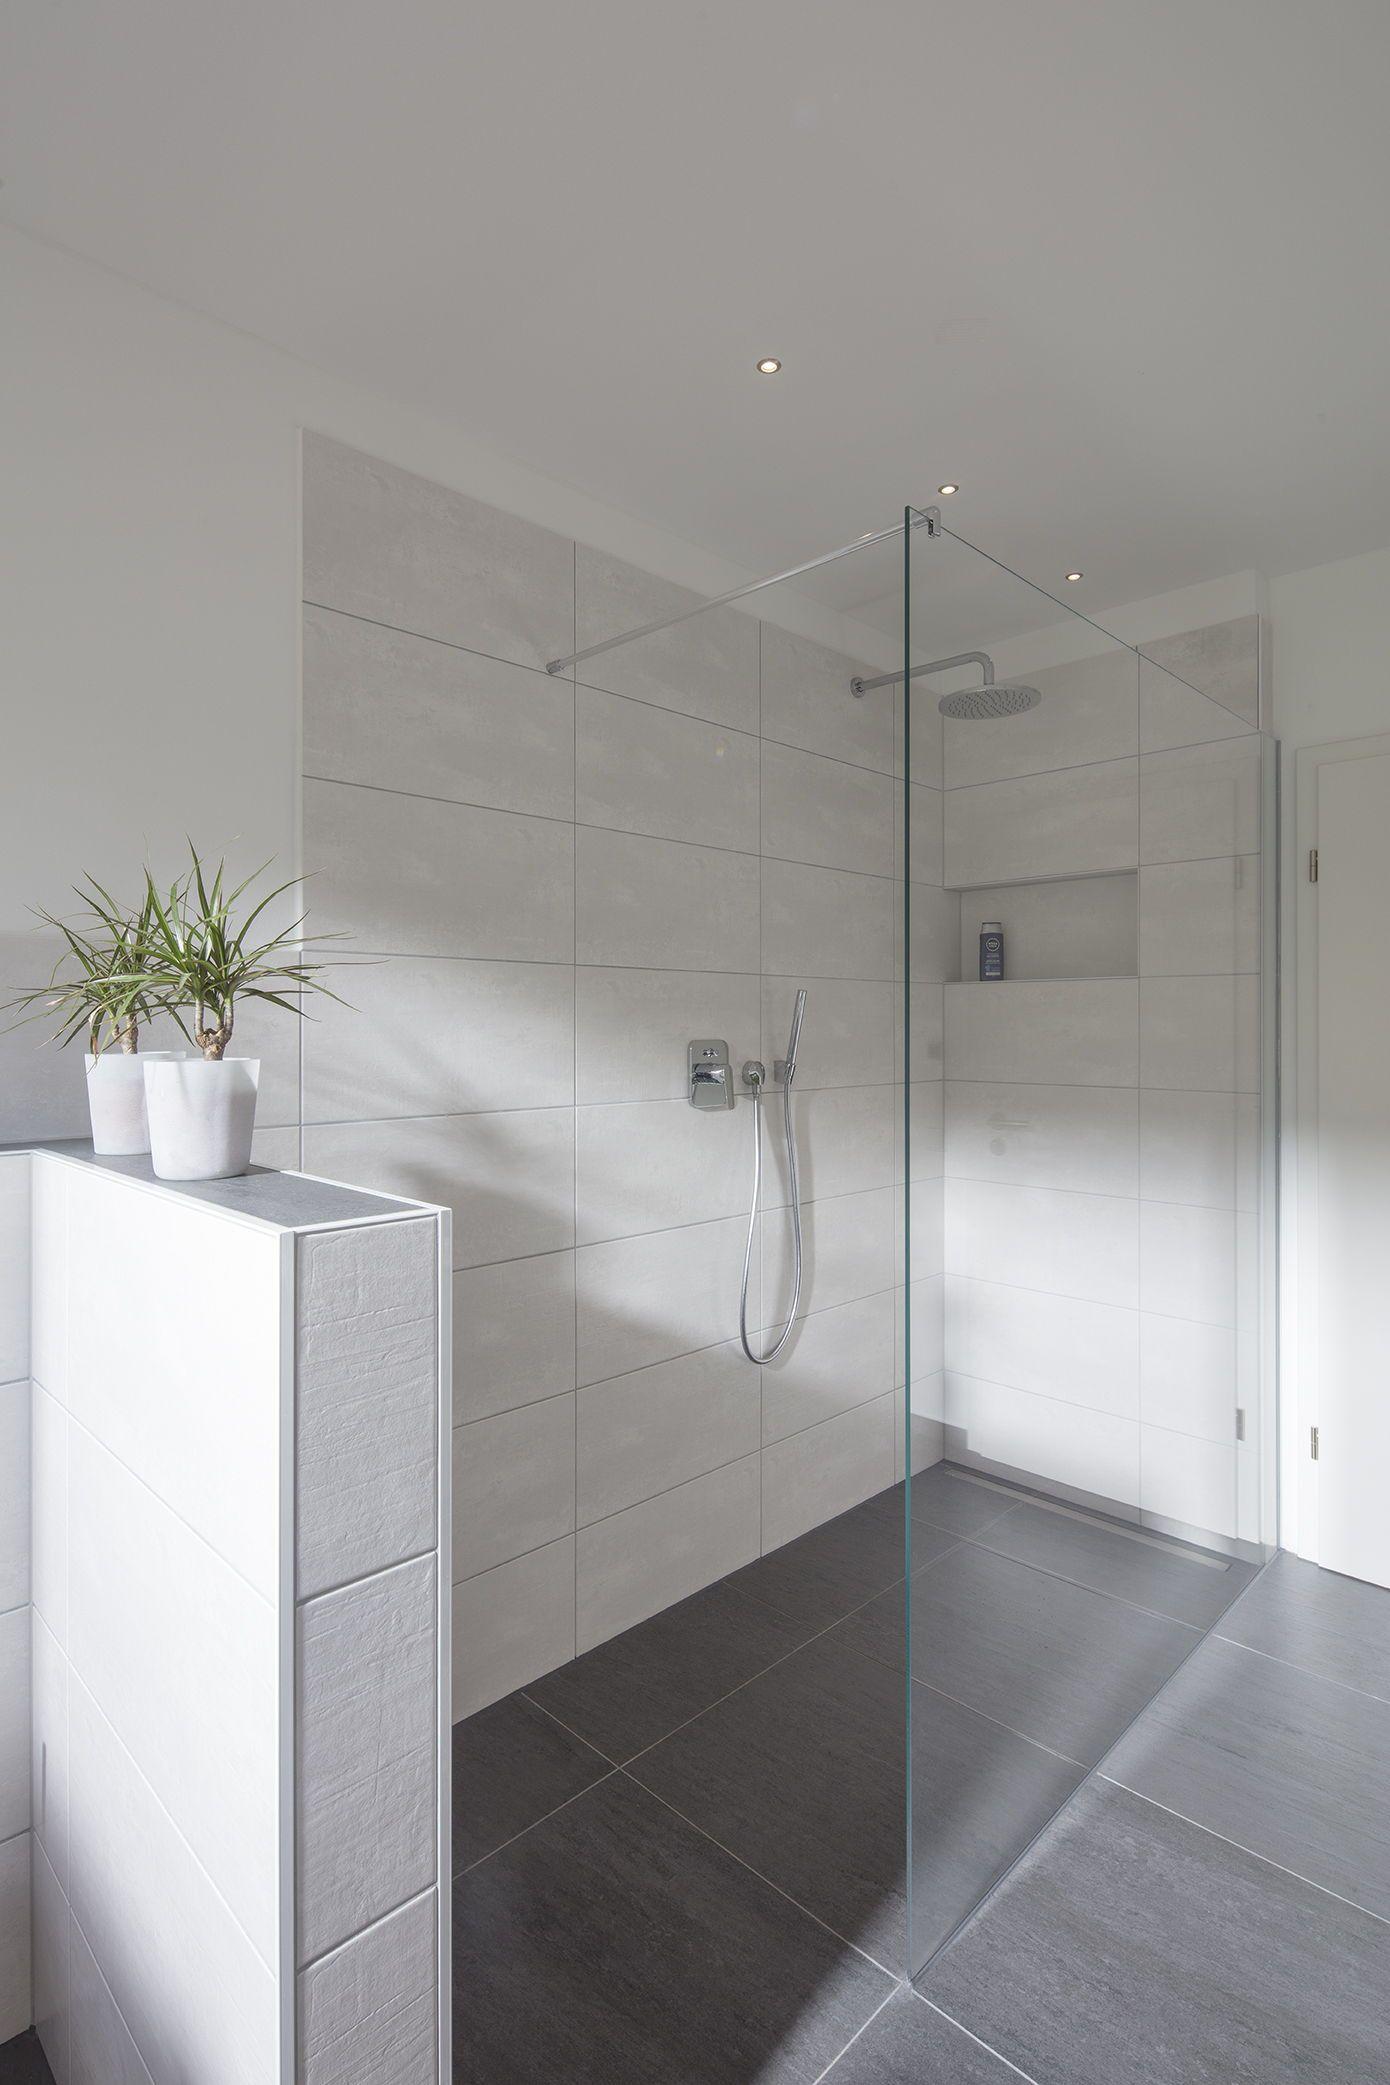 Entspannende Regendusche Zum Wohlfuhlen Regendusche Badezimmer Dusche